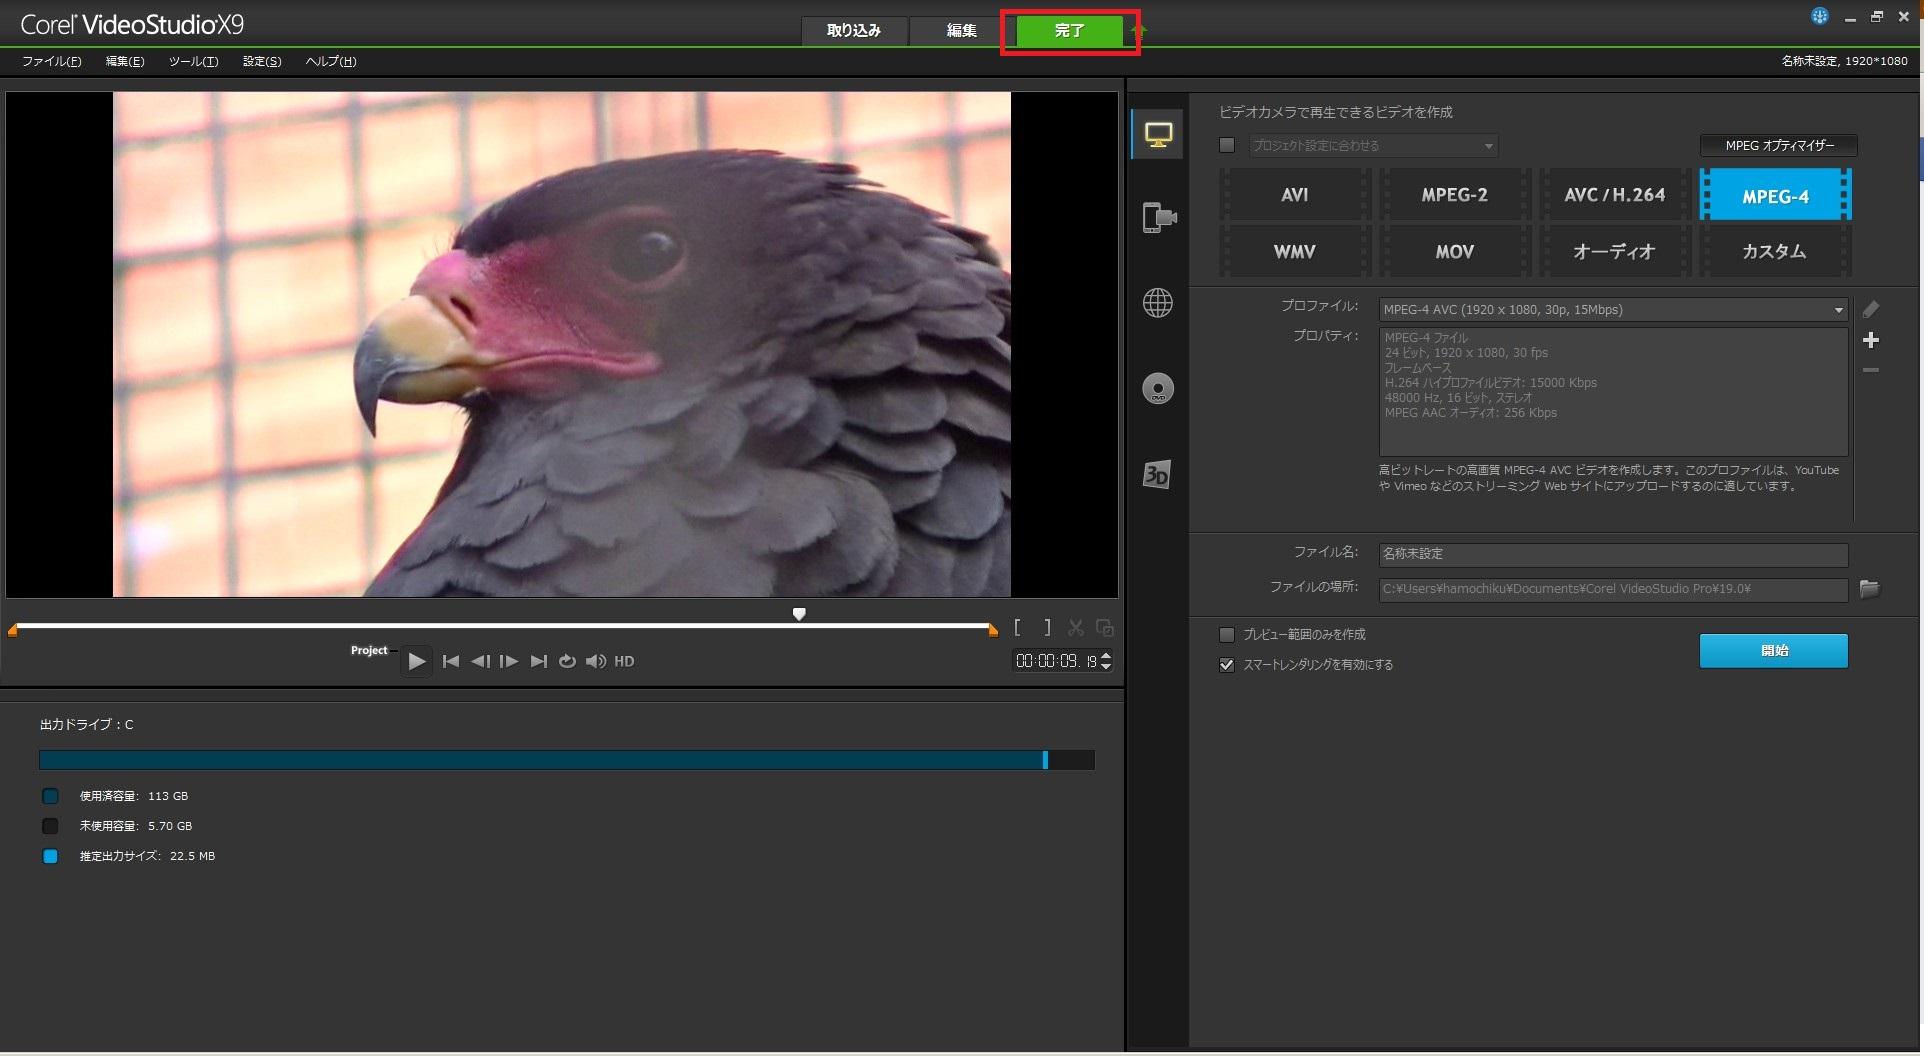 VideoStudio x9の使い方 動画ファイルを書き出す方法